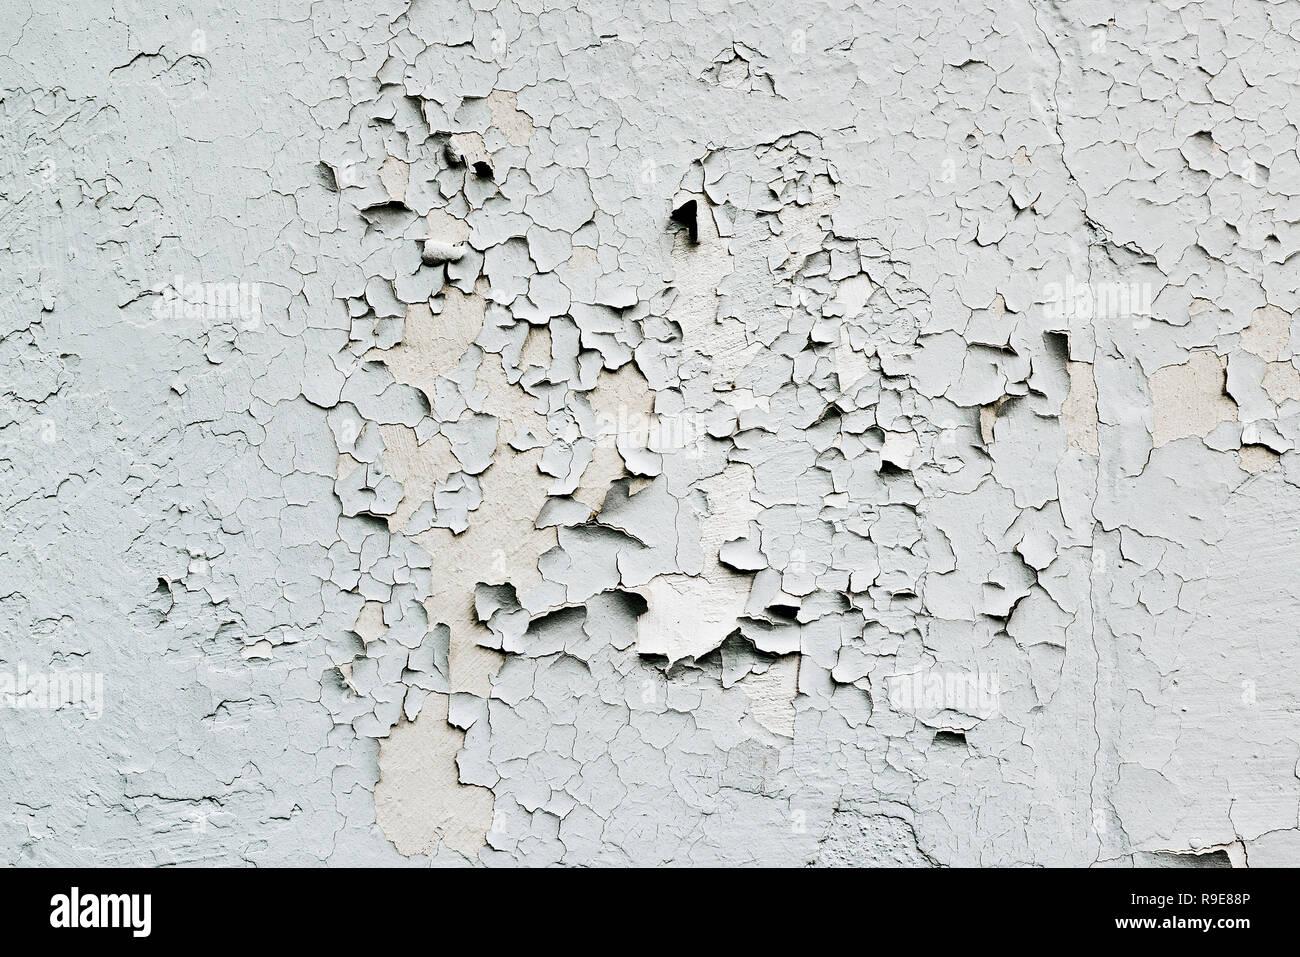 Abgeplatzte Farbe blätterte Detail. Stockbild